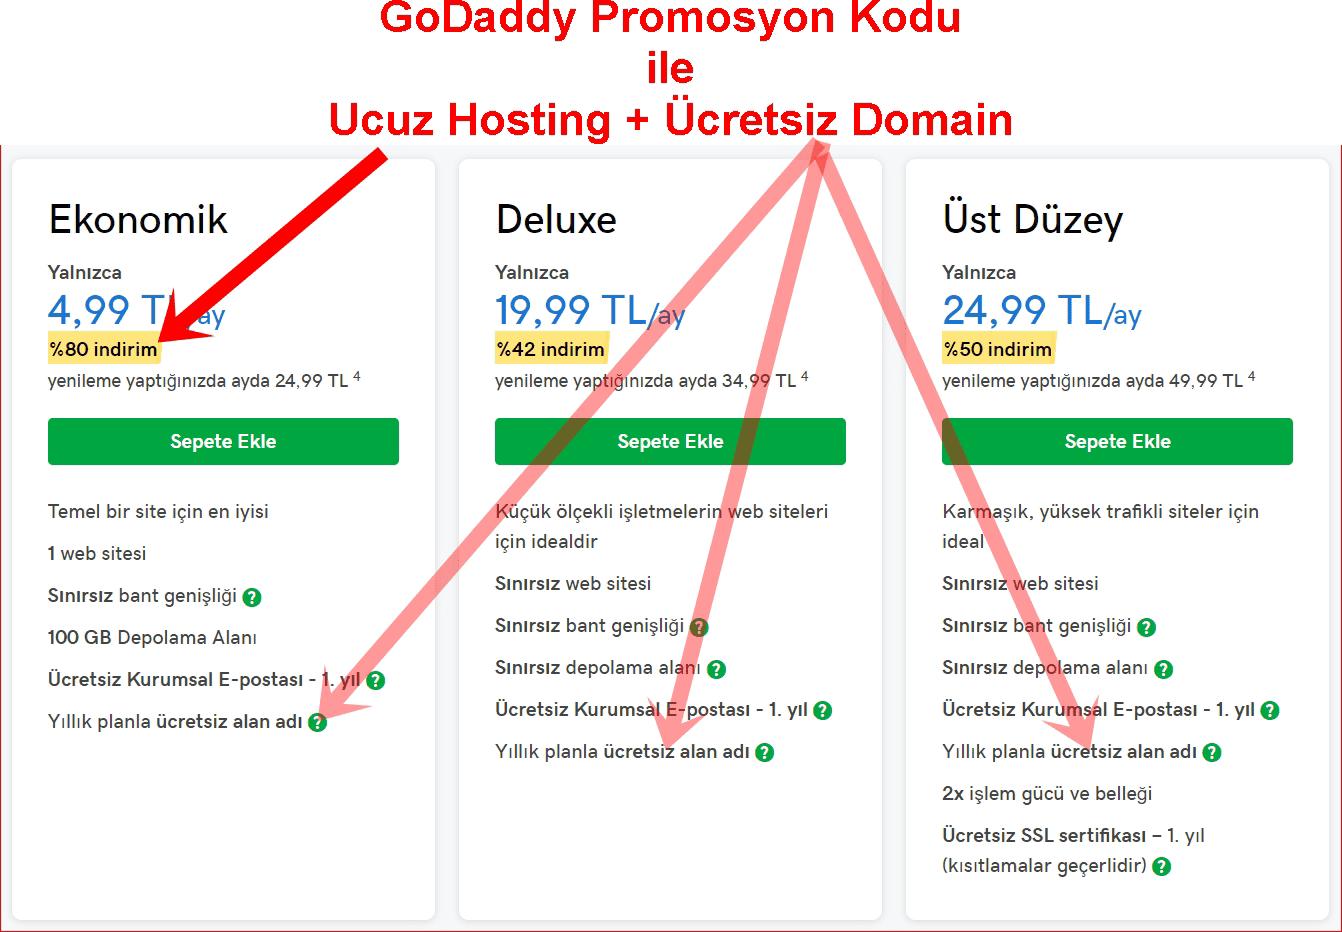 GoDaddy Promosyon Kodu ve %80 İndirim | Promo Code